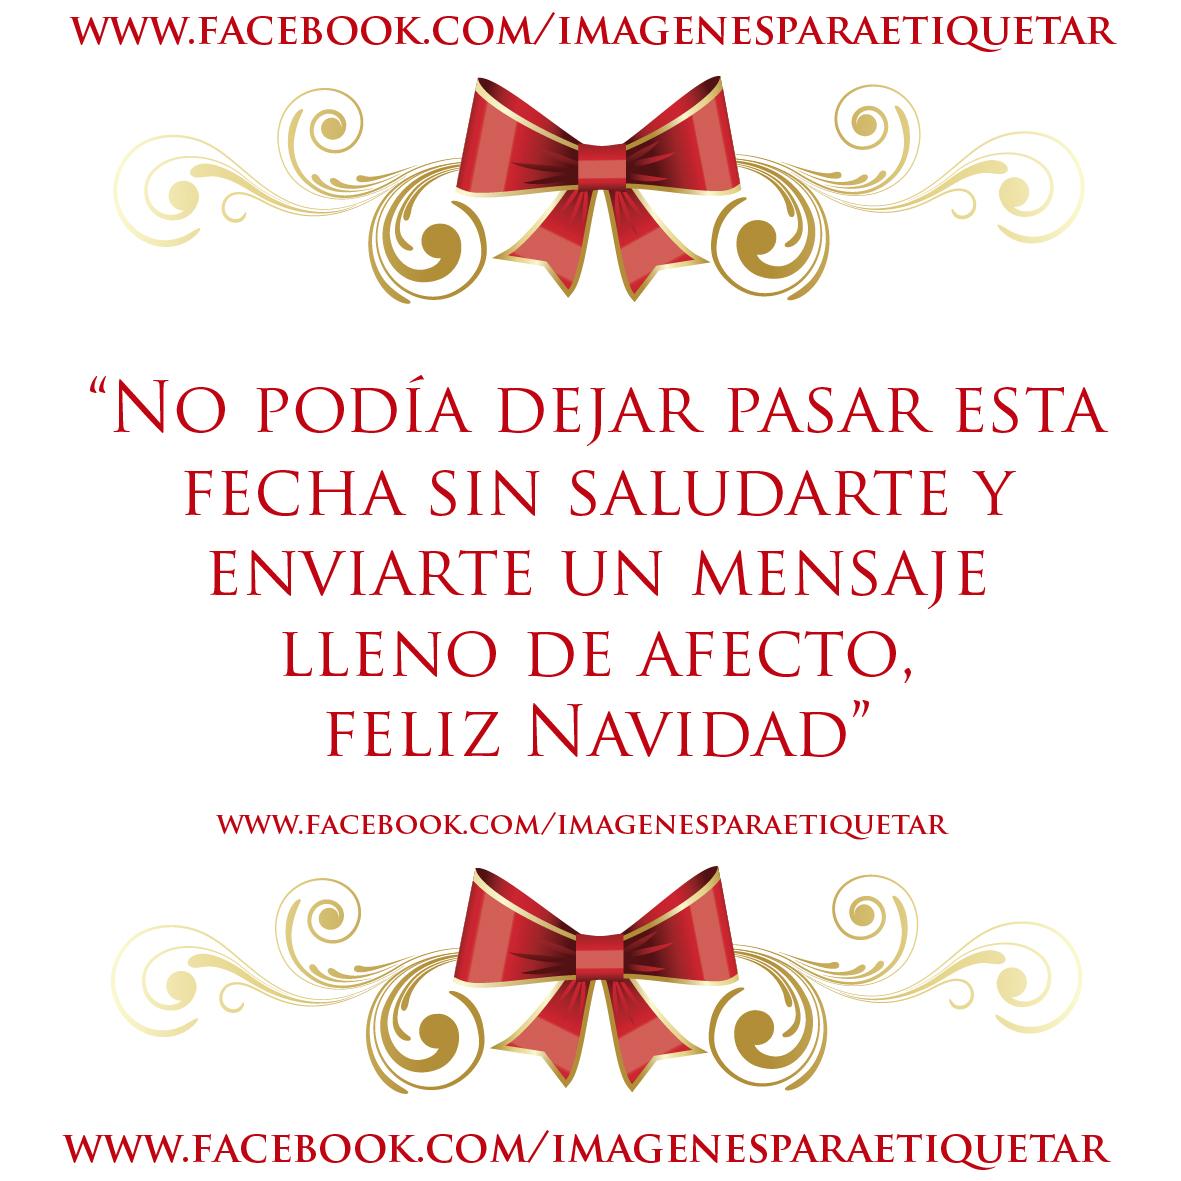 Pz c imagenes para facebook - Feliz navidad frases ...